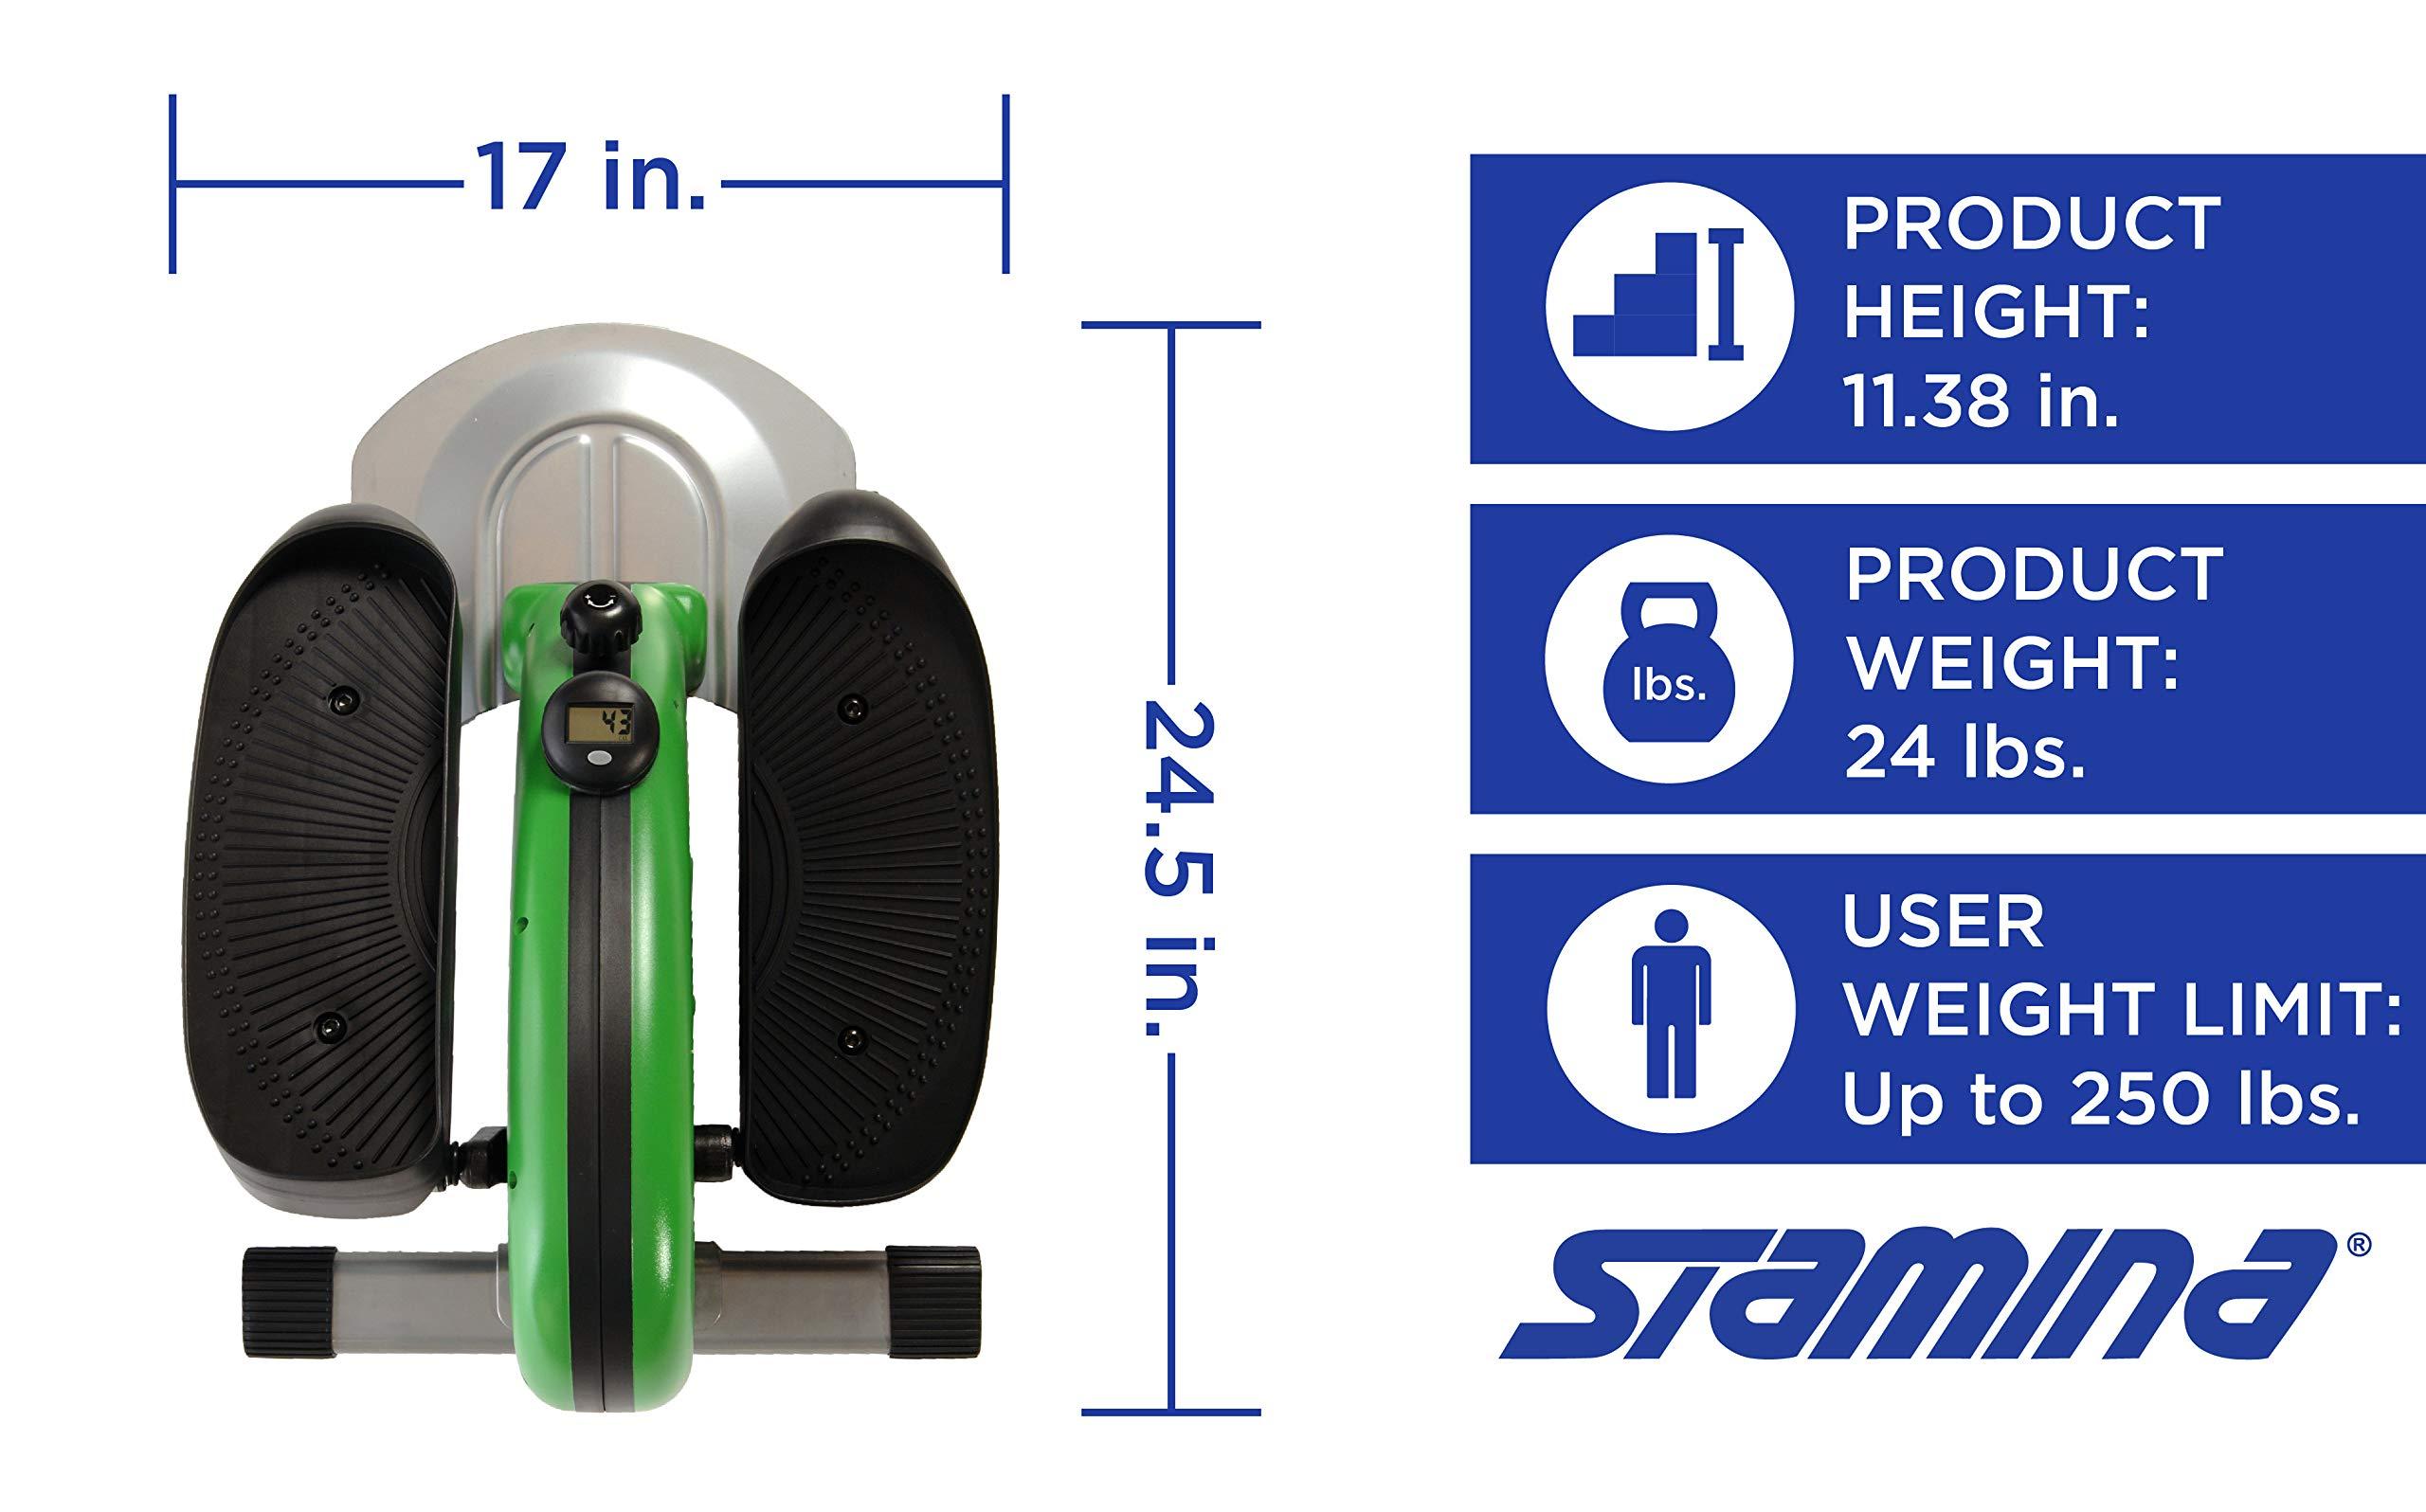 Stamina 55-1602 Inmotion Elliptical, Green by Stamina (Image #6)